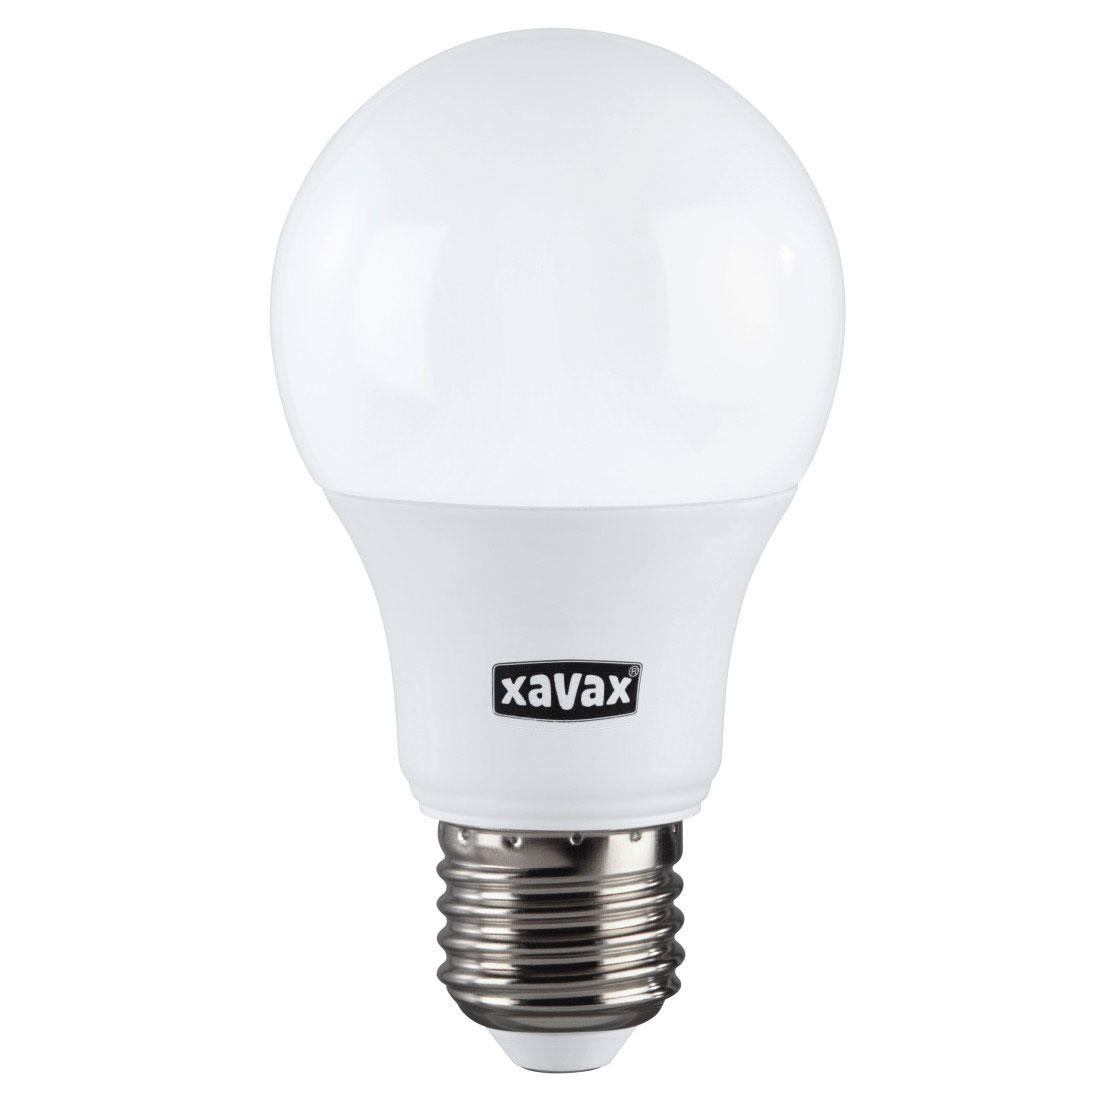 LED Lampe XAVAX E27 230V Birne 9,5W 806lm Bild 1